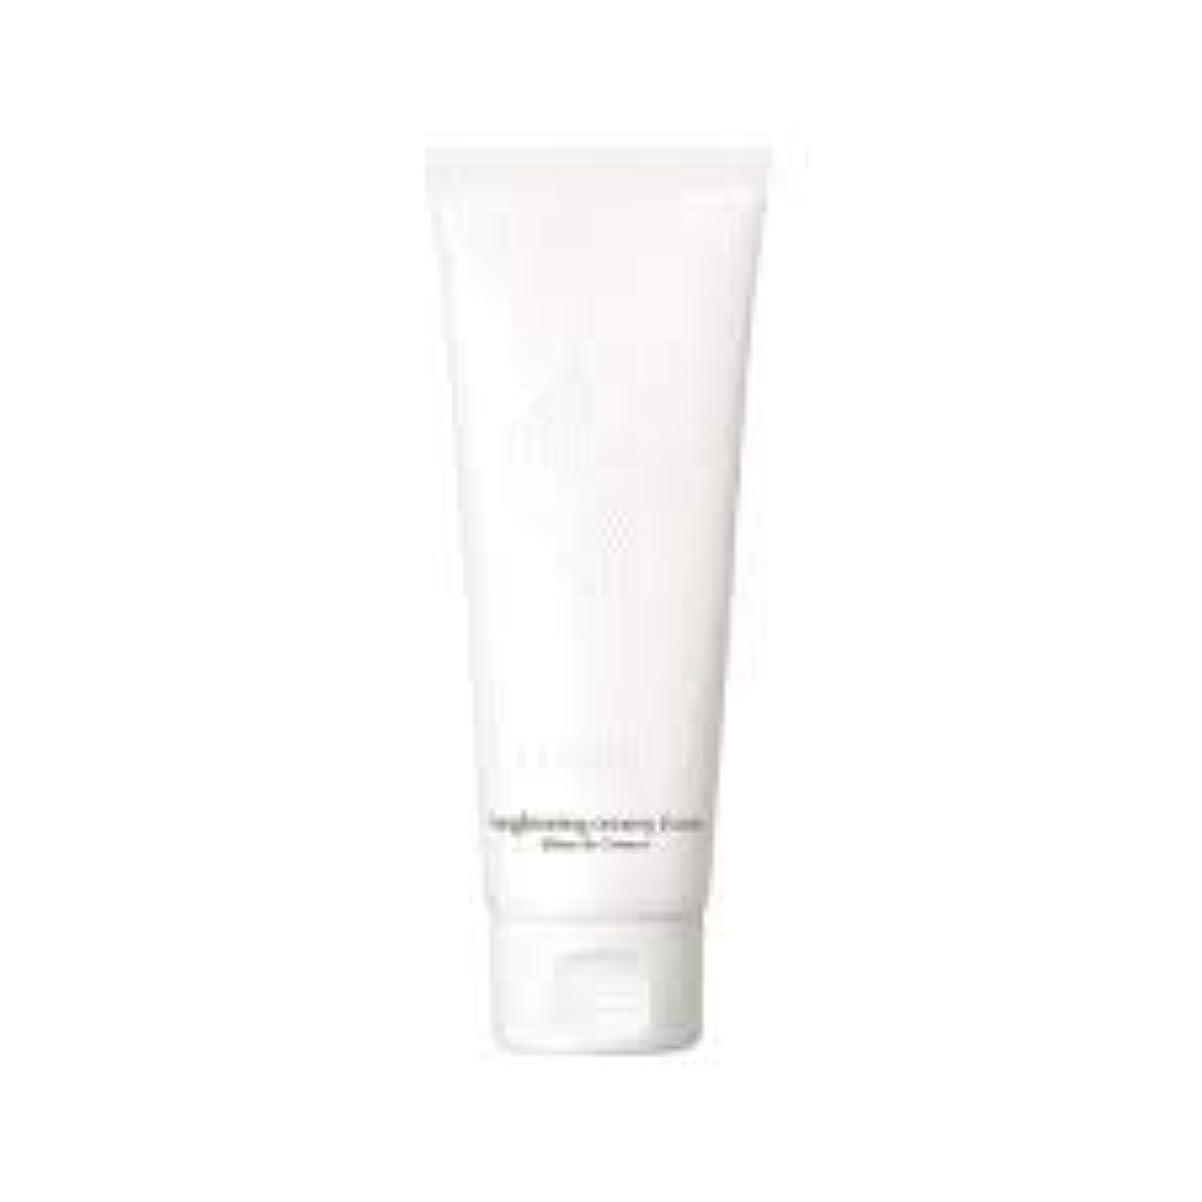 霜称賛鎮痛剤CREMORLAB 120mlに鮮やかな白色のクリーム状の泡をCremor - ほこりや不純物を除去し、そして鈍い除去を助けるために。